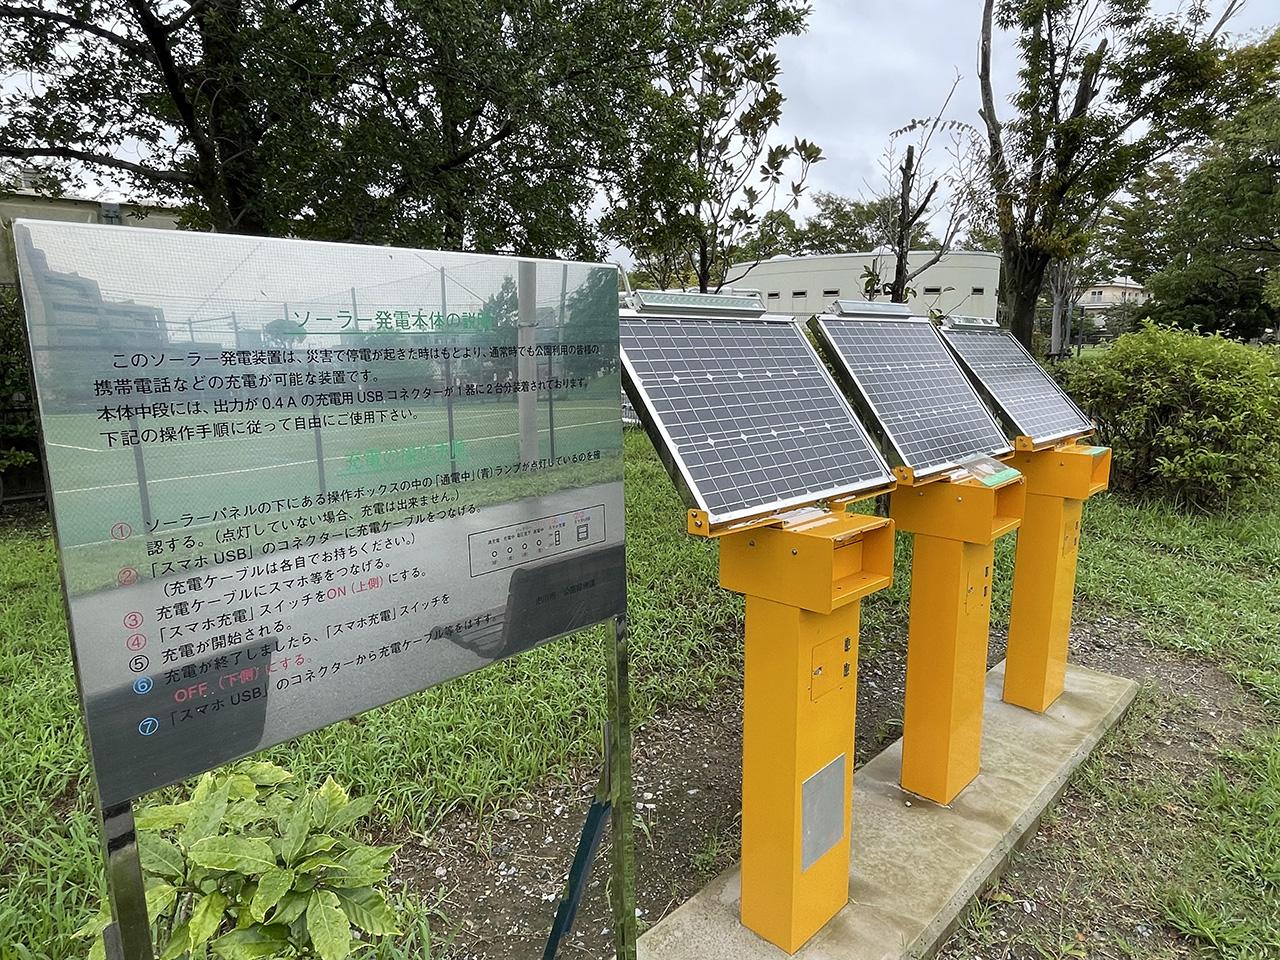 ソーラー発電装置の写真